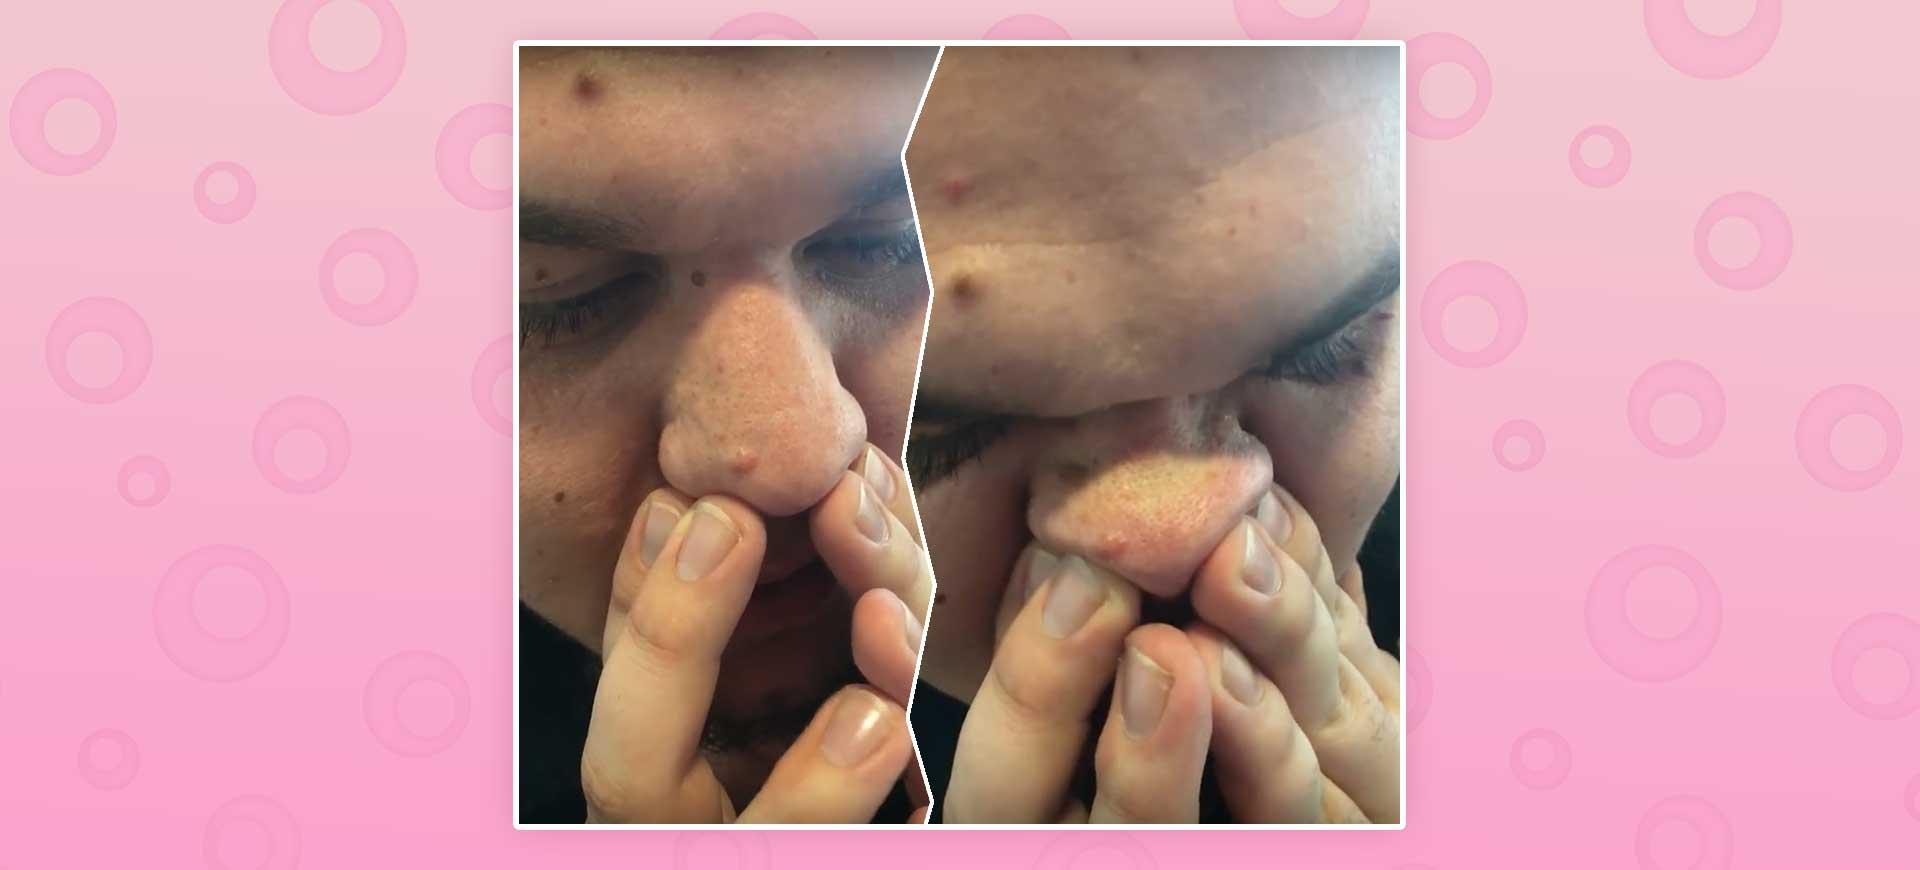 klämma porer på näsan